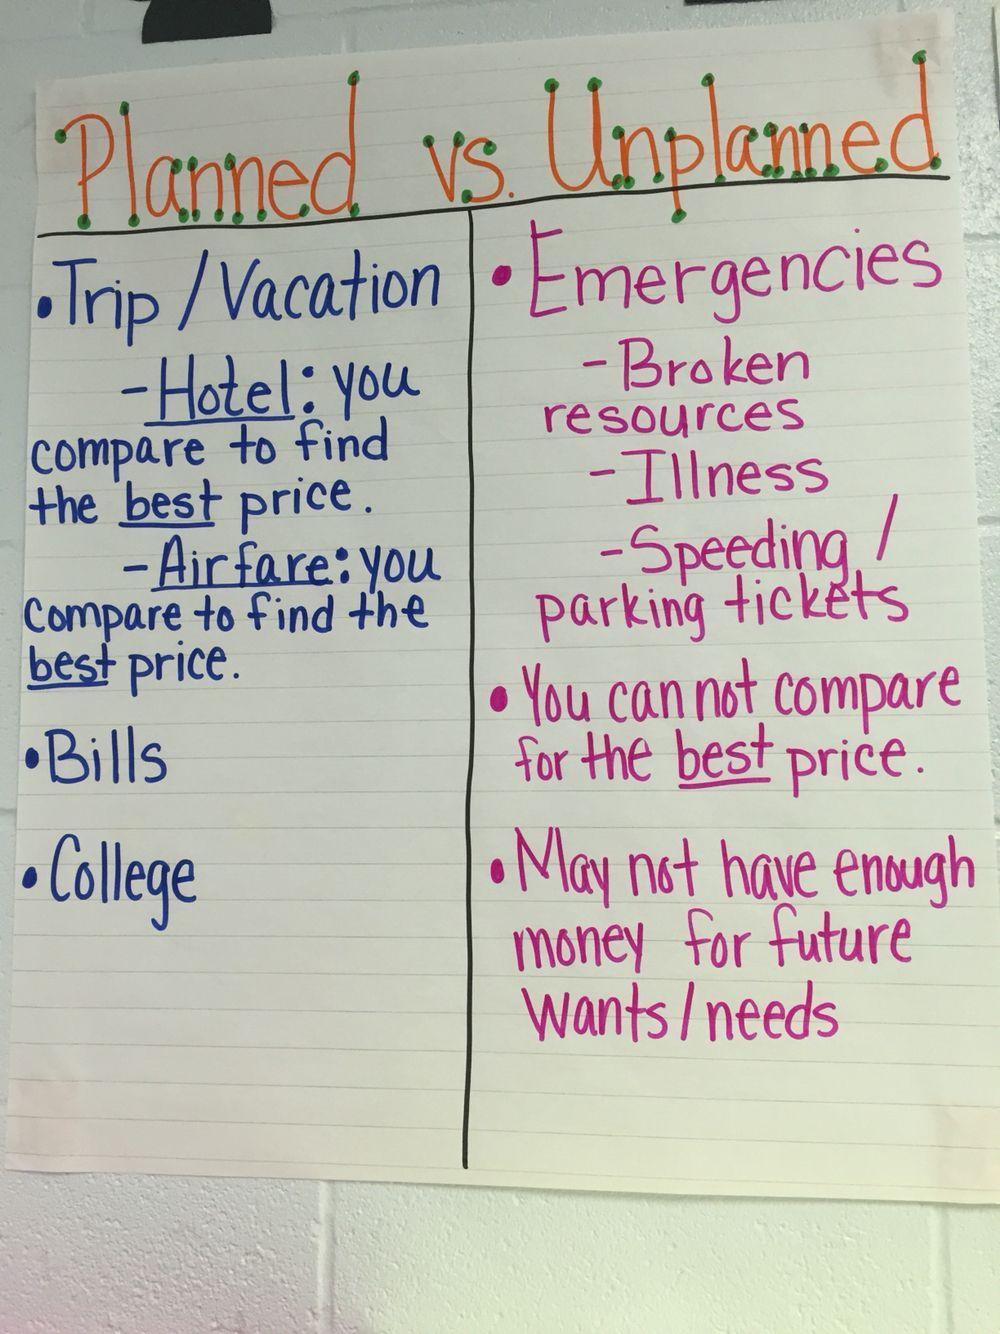 Personal Financial Literacy! Planned vs. Unplanned